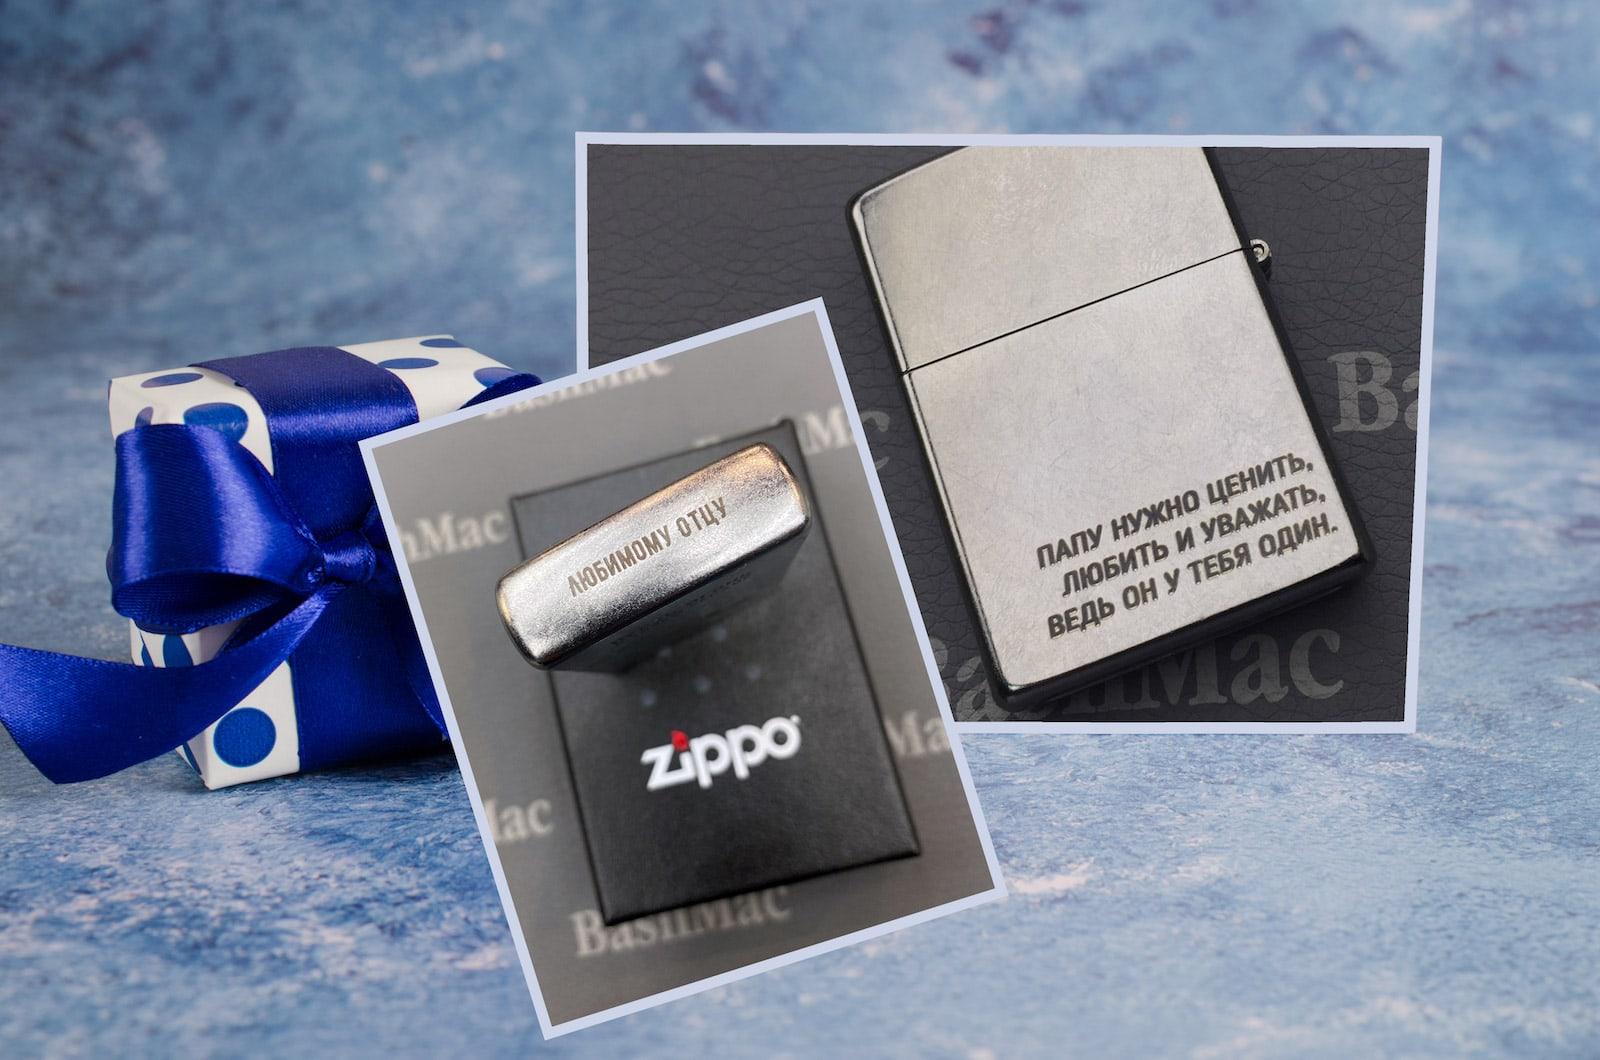 Лазерная гравировка Zippo для папы